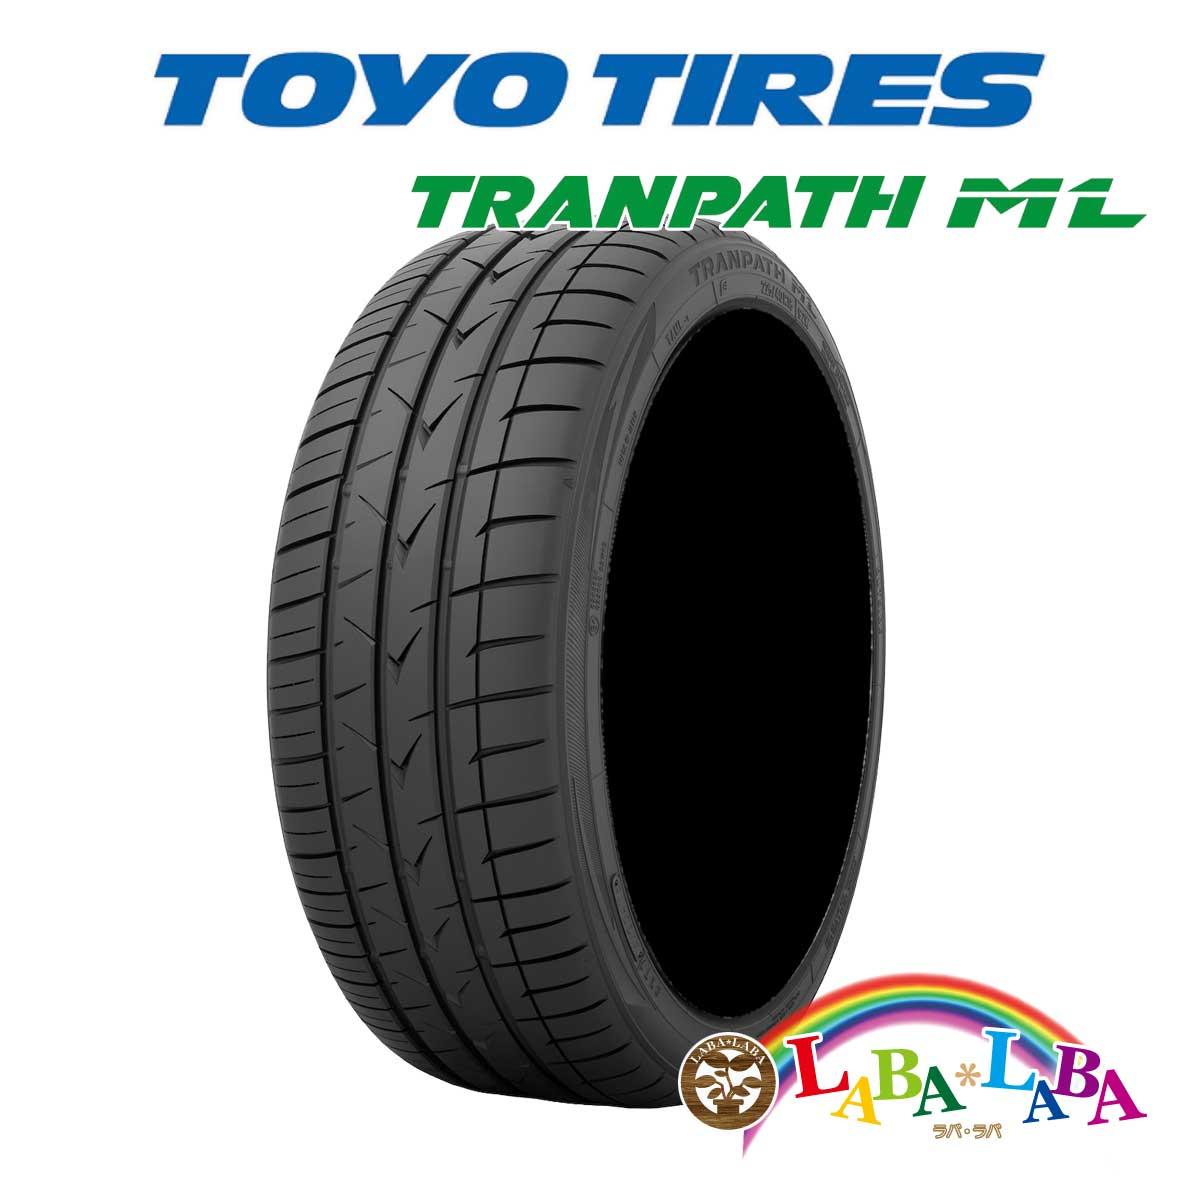 2本以上送料無料 国産タイヤ 送料無料激安祭 サマータイヤ 新品 タイヤのみ TOYO トーヨー 安売り 55R17 TRANPATH 215 ML ミニバン トランパス 94V